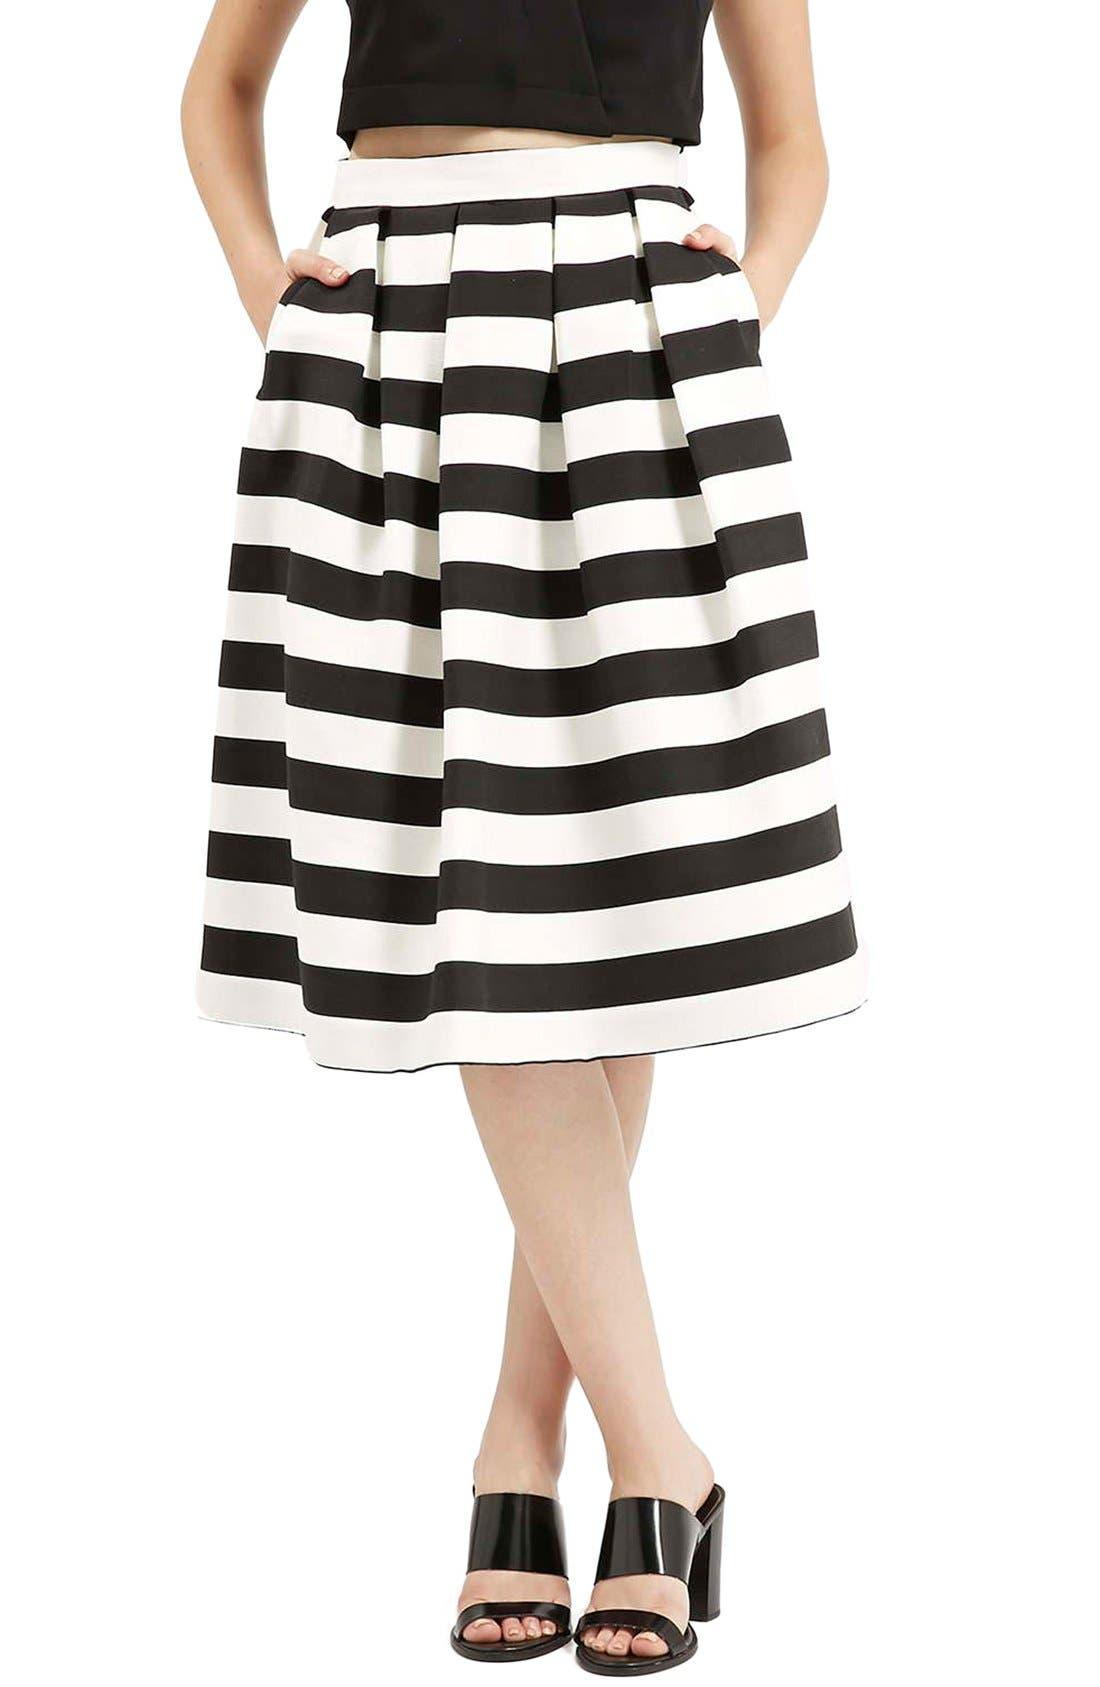 TOPSHOP, Stripe Midi Skirt, Main thumbnail 1, color, 001